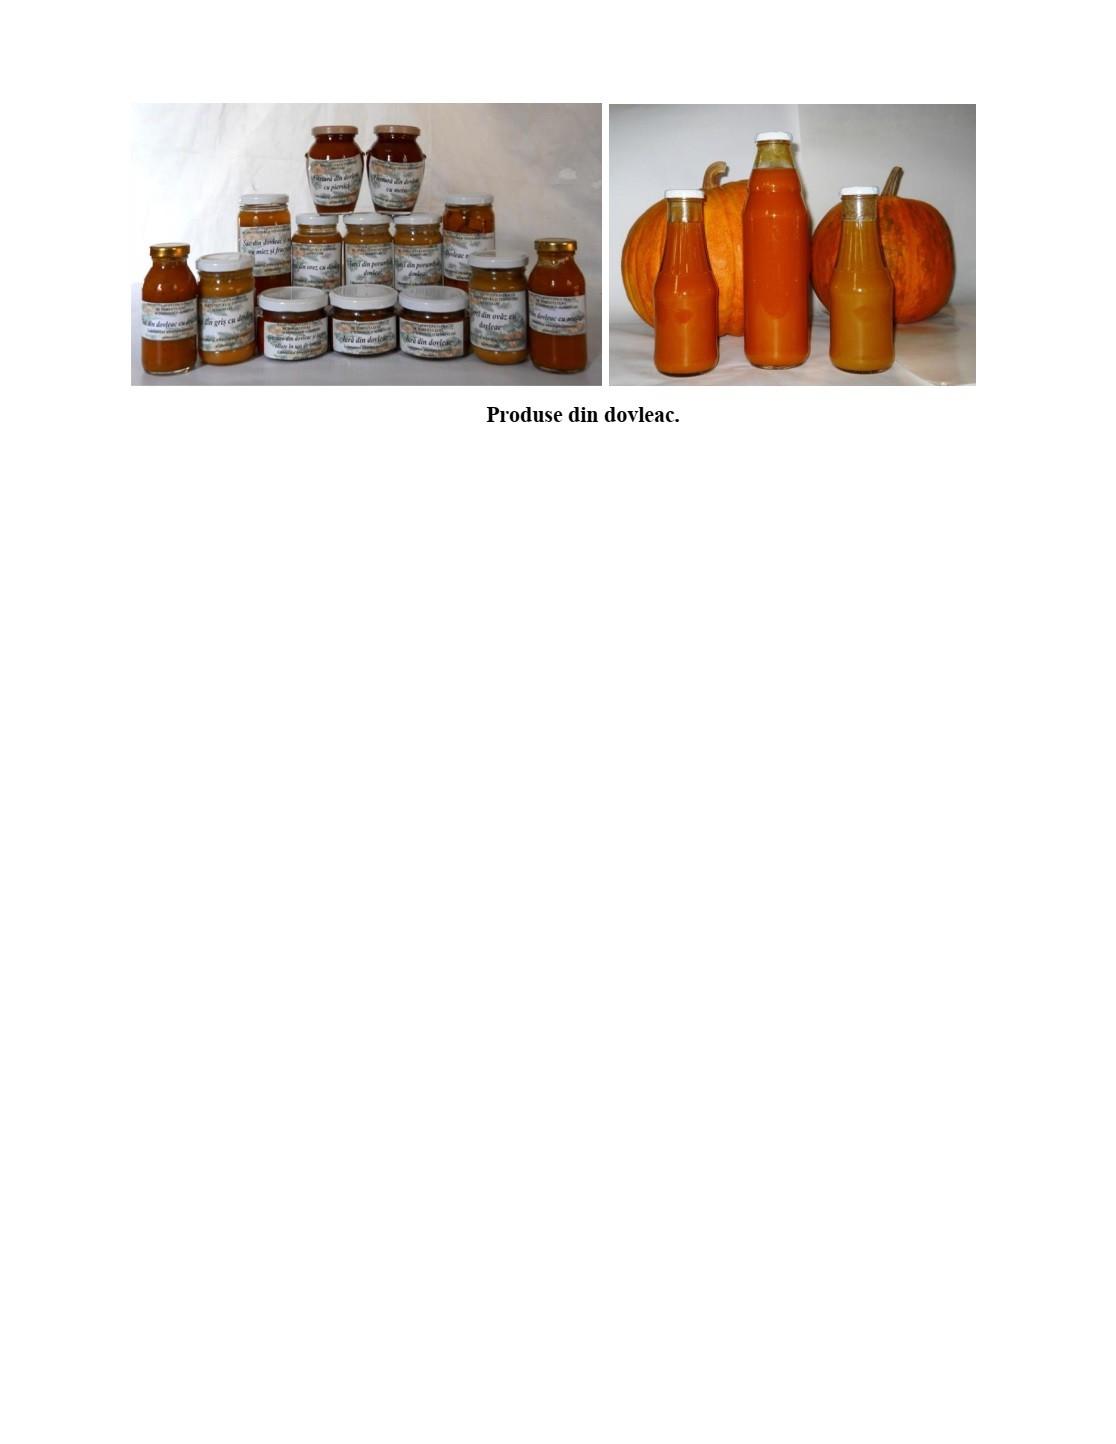 Elaborarea tehnologiei de fabricare a produselor alimentare şi ingredientelor prin procesarea complexă a dovleacului.